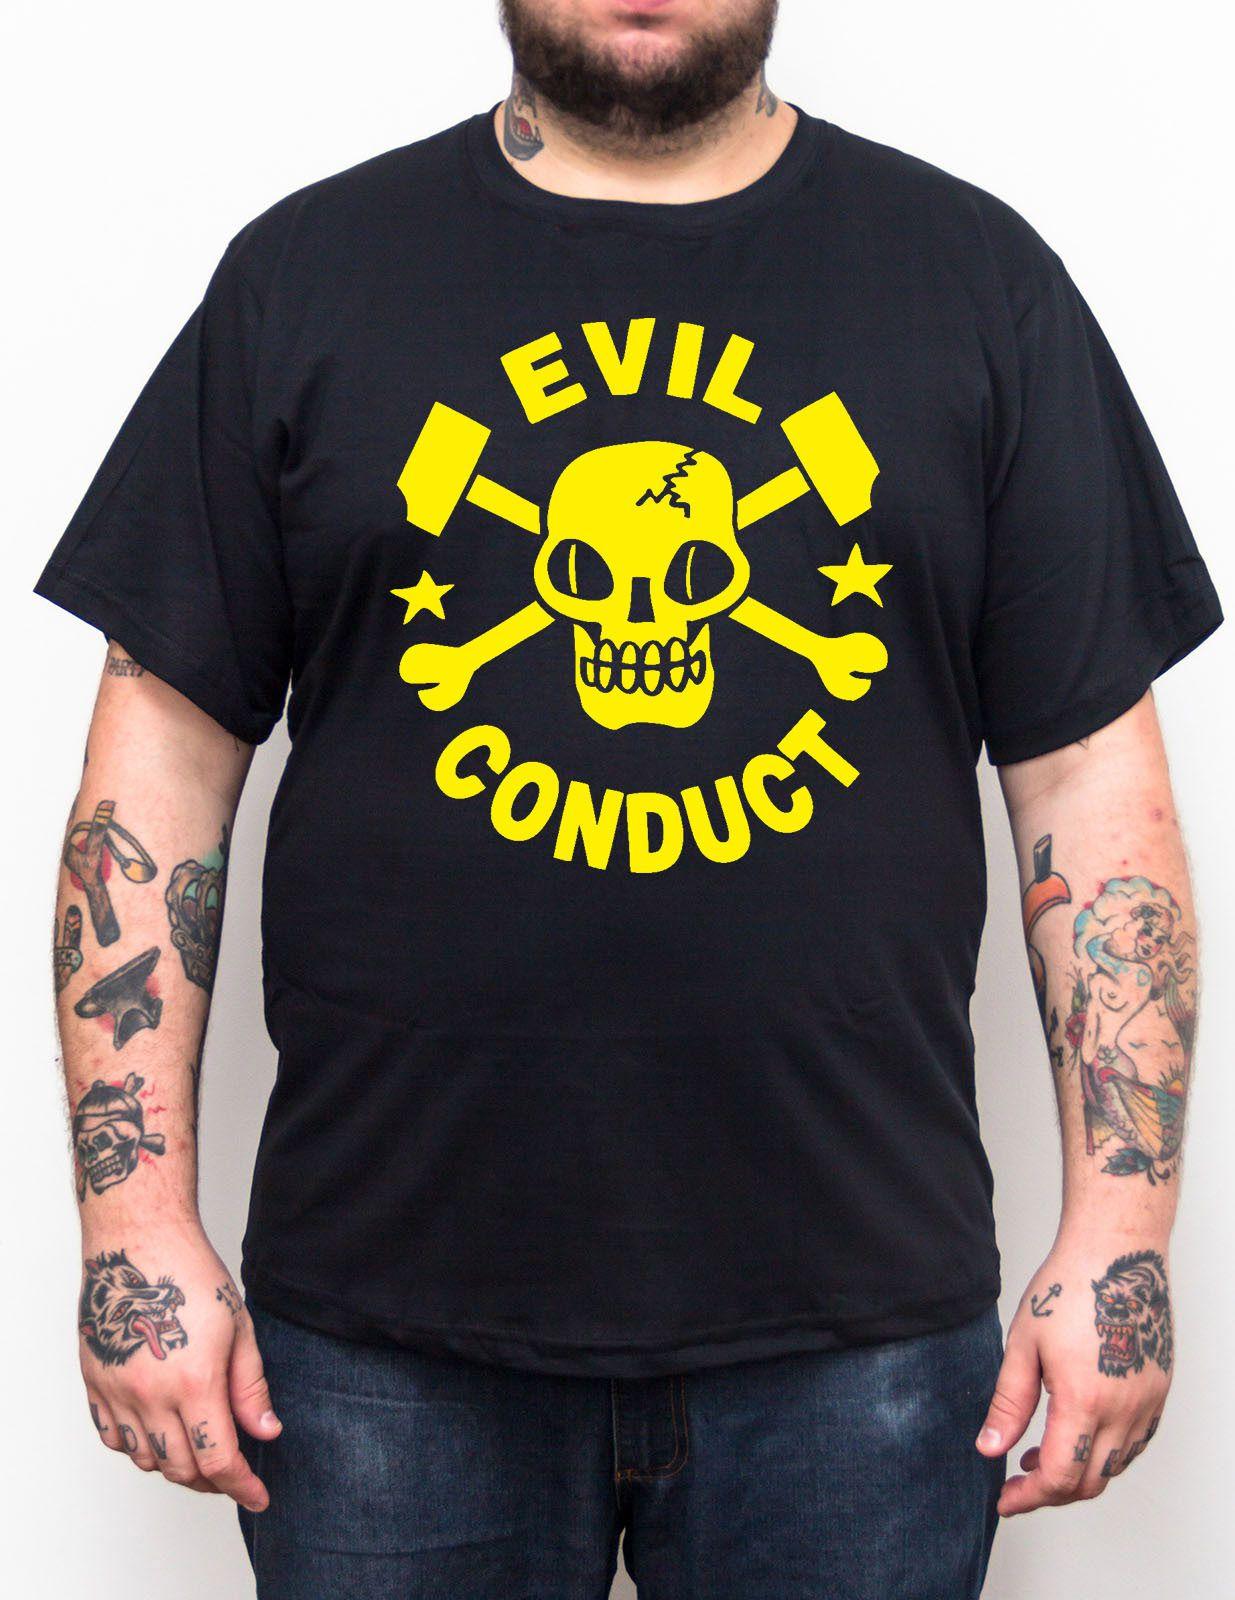 Camiseta Evil Conduct Logo Plus Size - Tamanho Grande  - HShop